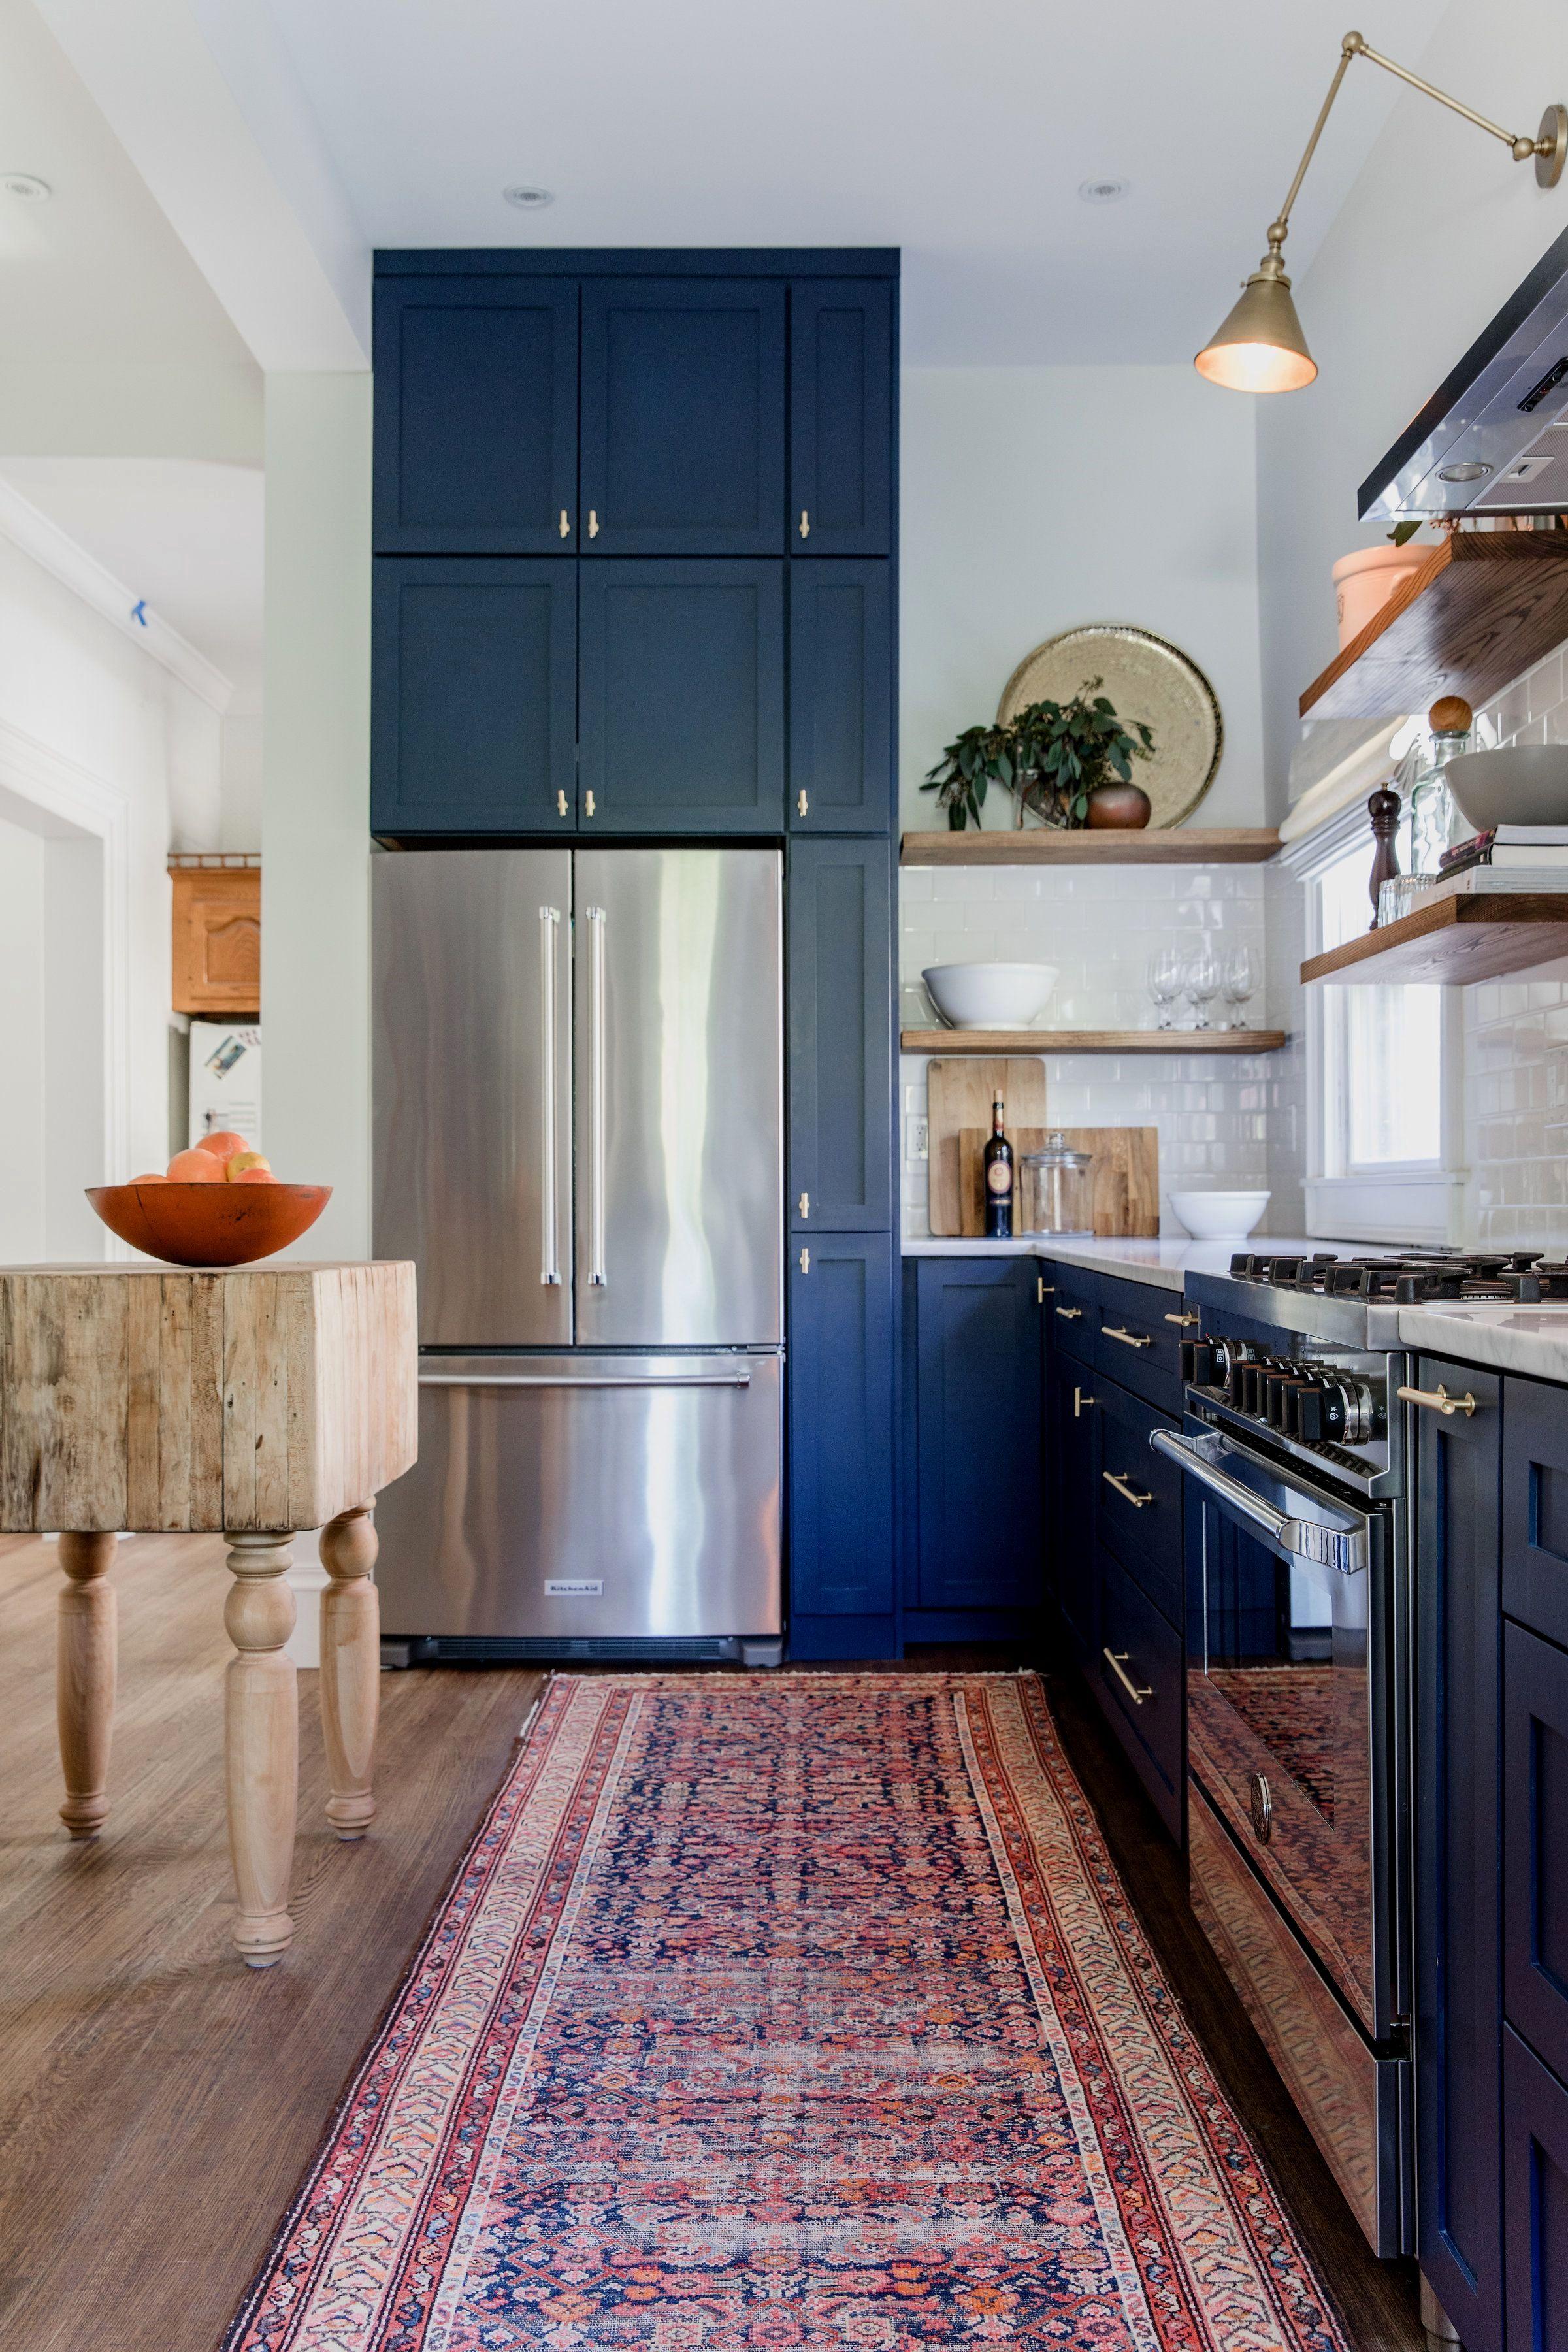 Pin by ilya_vereshchak on Home decor in 2020 Kitchen